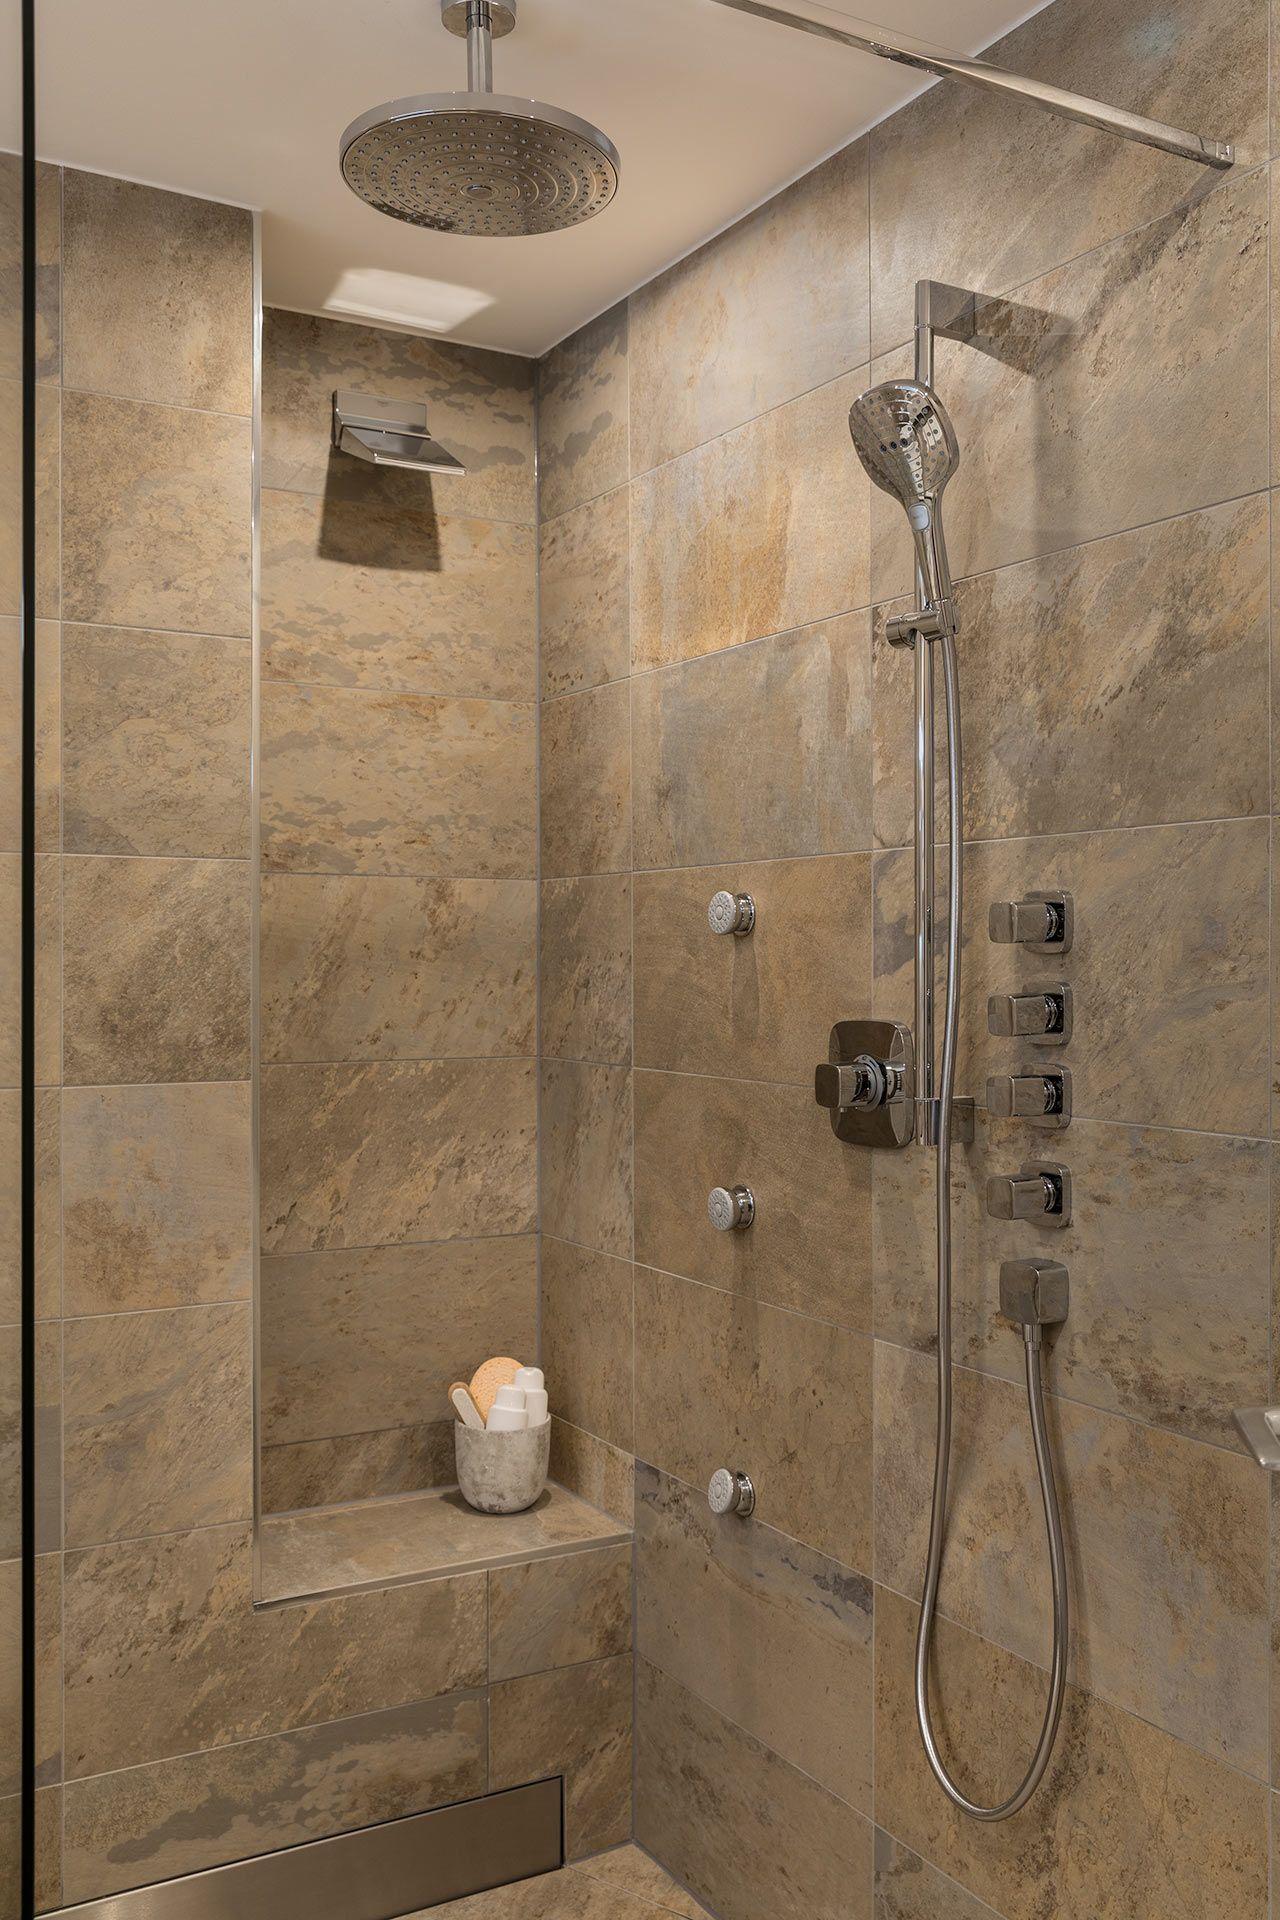 Die Bodengleiche Dusche Lasst Das Herz Hoher Schlagen Badezimmer Bad Waschtisch Badsanierung Badrenovierung Ma Banos Modernos Banos